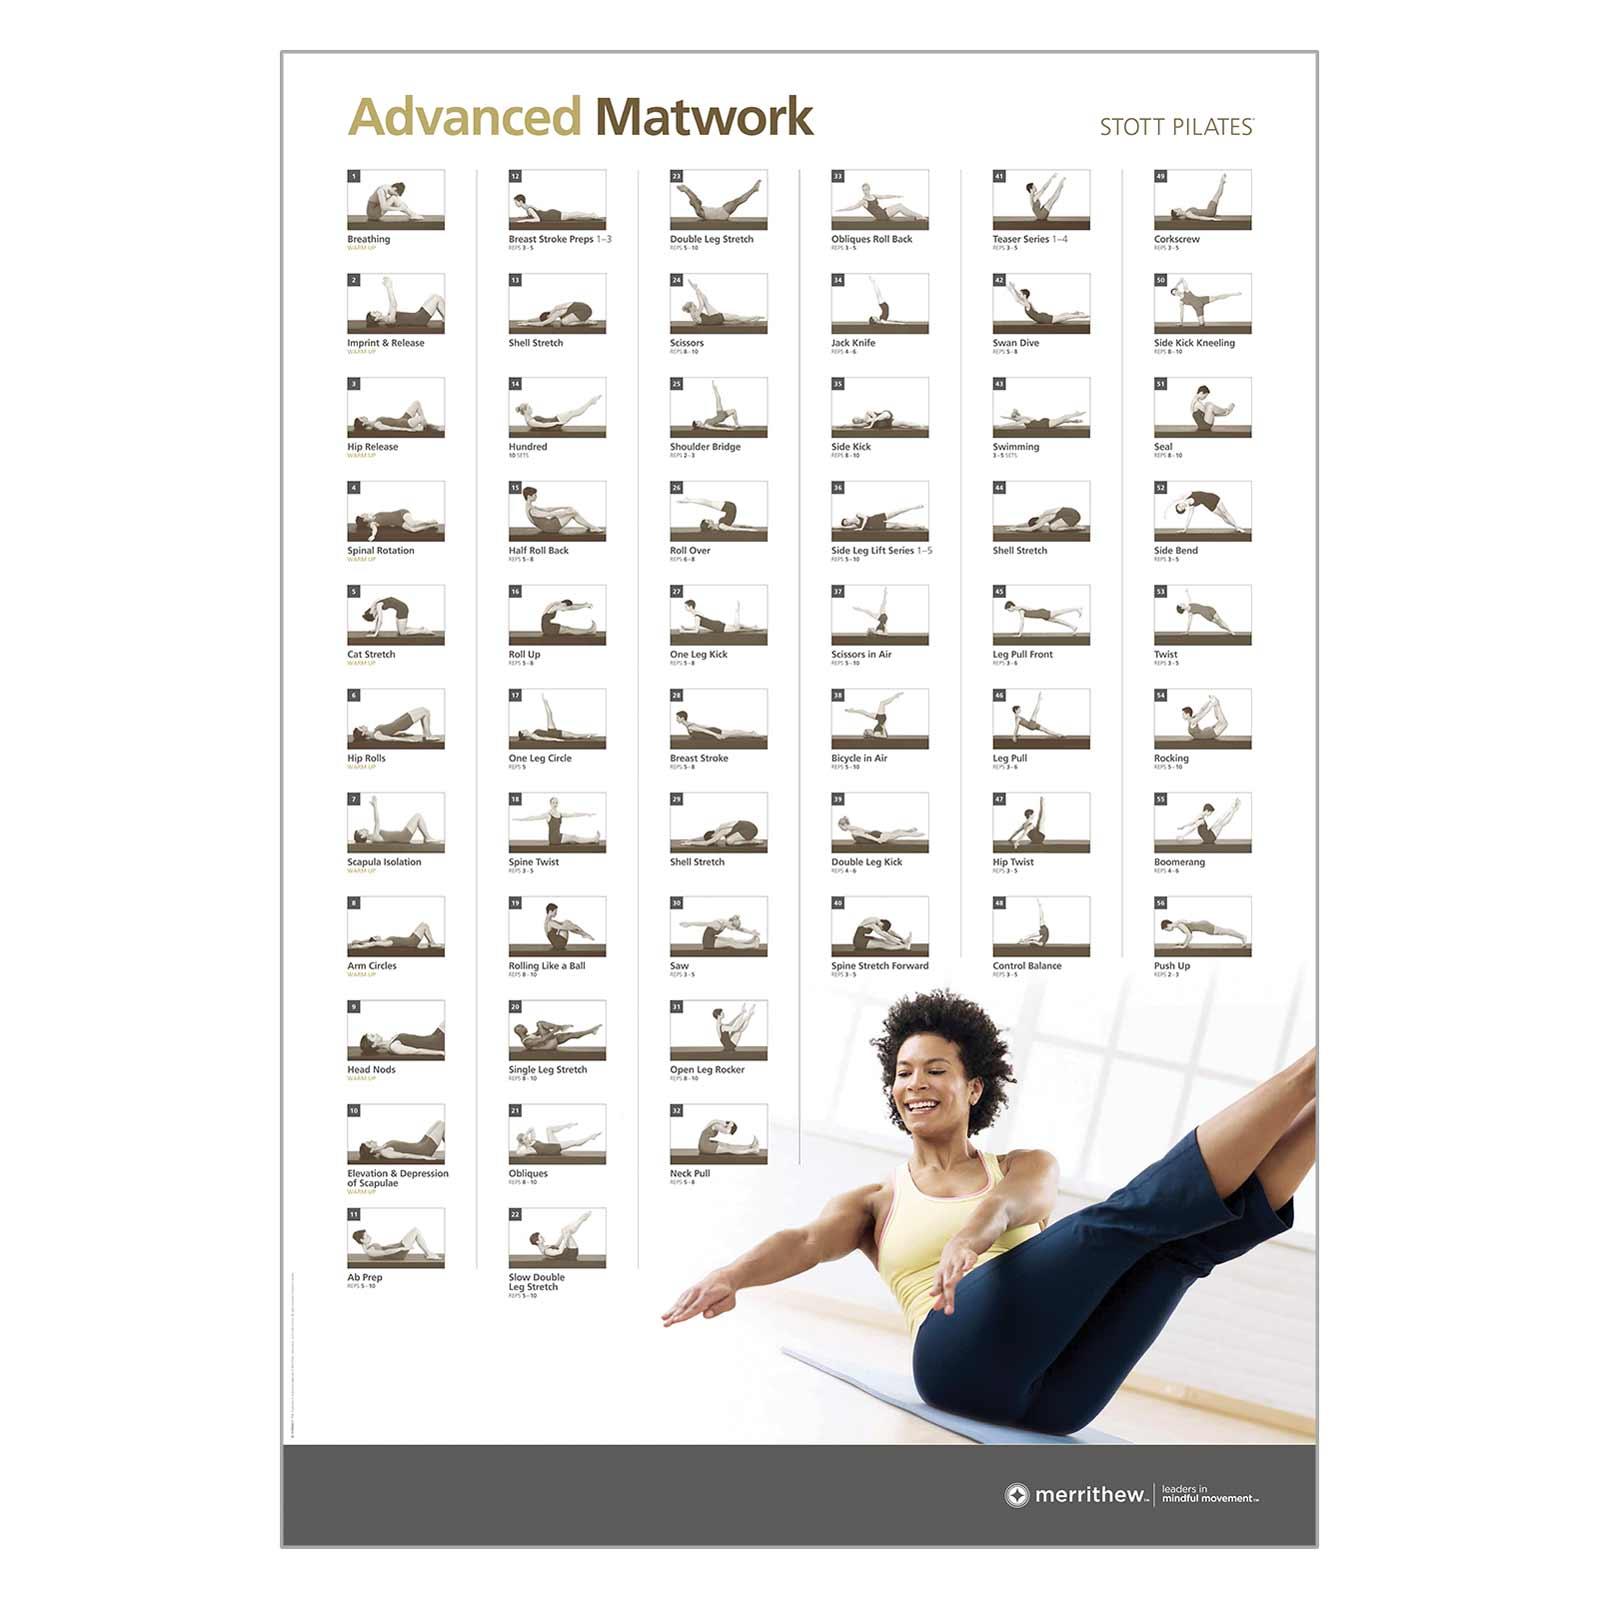 Pilates Mat Exercise Poster: Wall Chart - Advanced Matwork